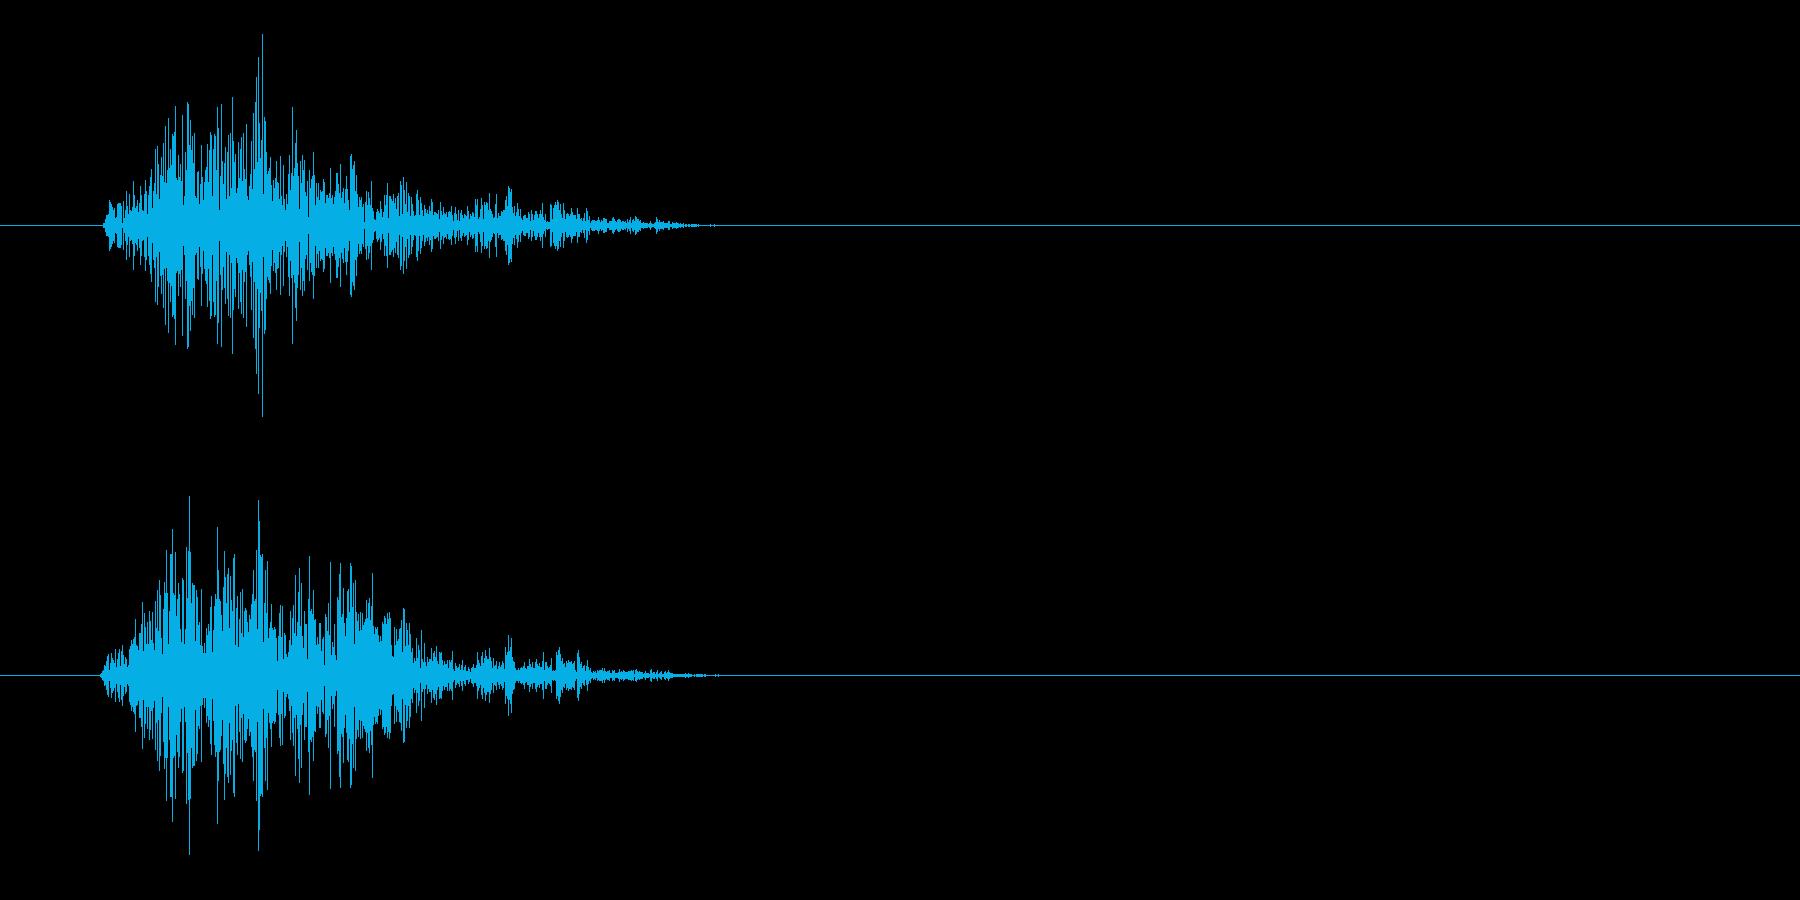 カチャッ(摩擦の音色)の再生済みの波形